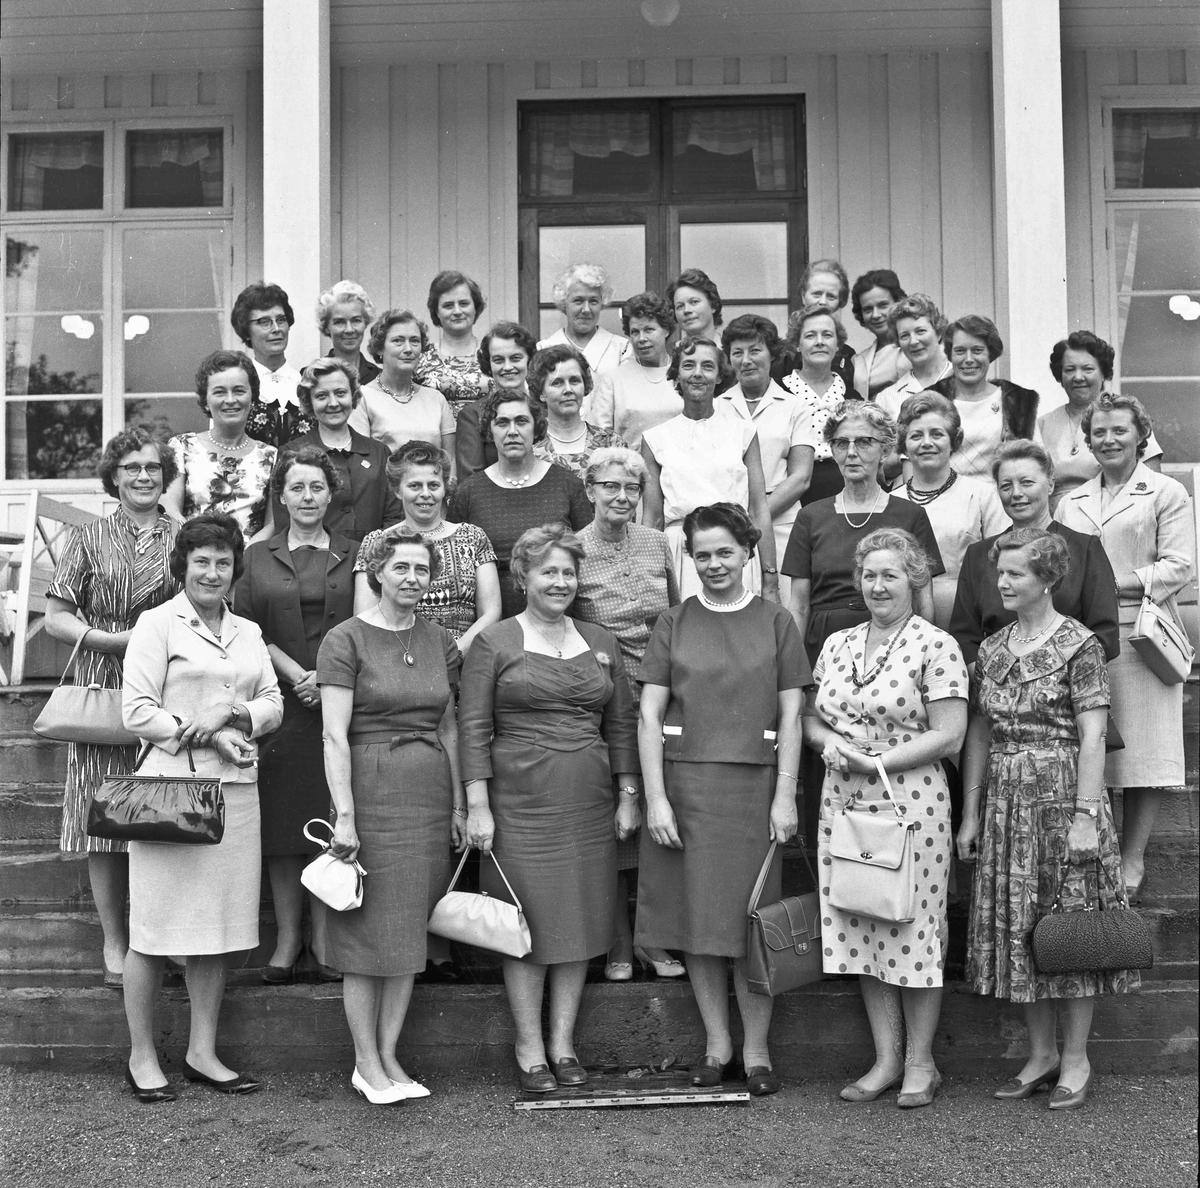 Husmorskolens 25-årsjubileum i 1964.